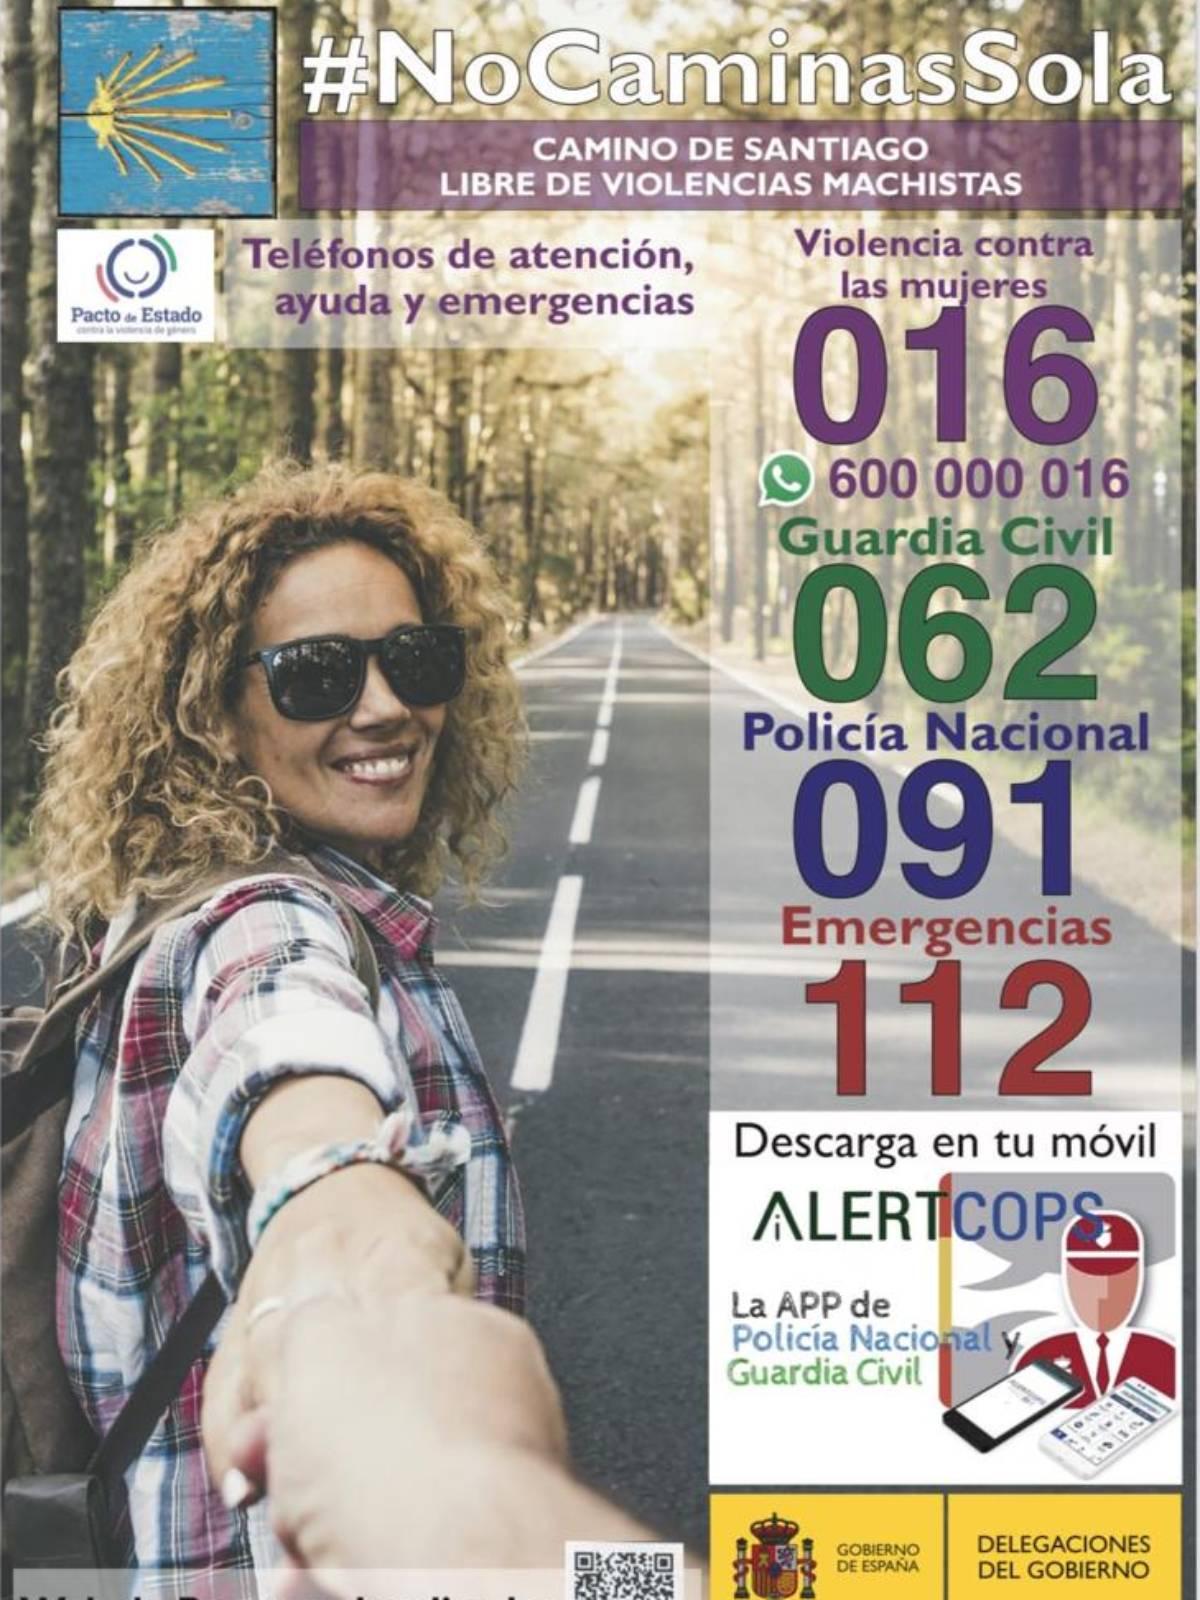 Cartel de la campaña '#NoCaminasSola'.